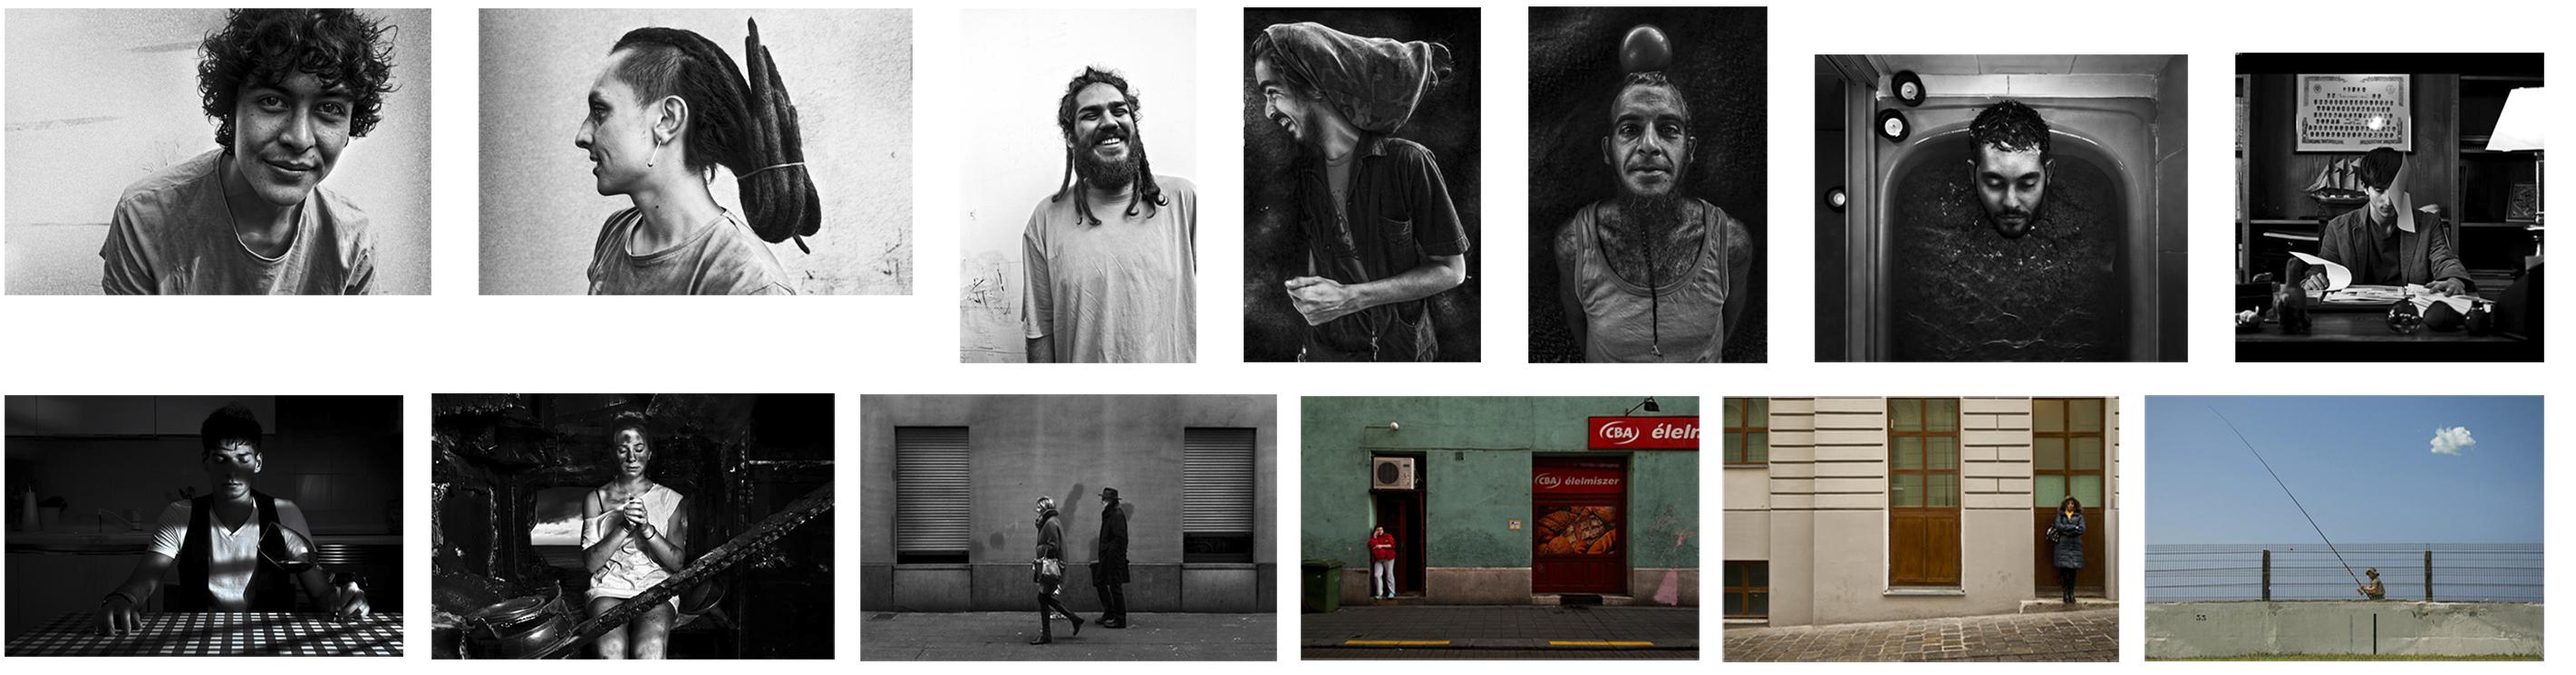 fotografo creativo. Pablo Tribello